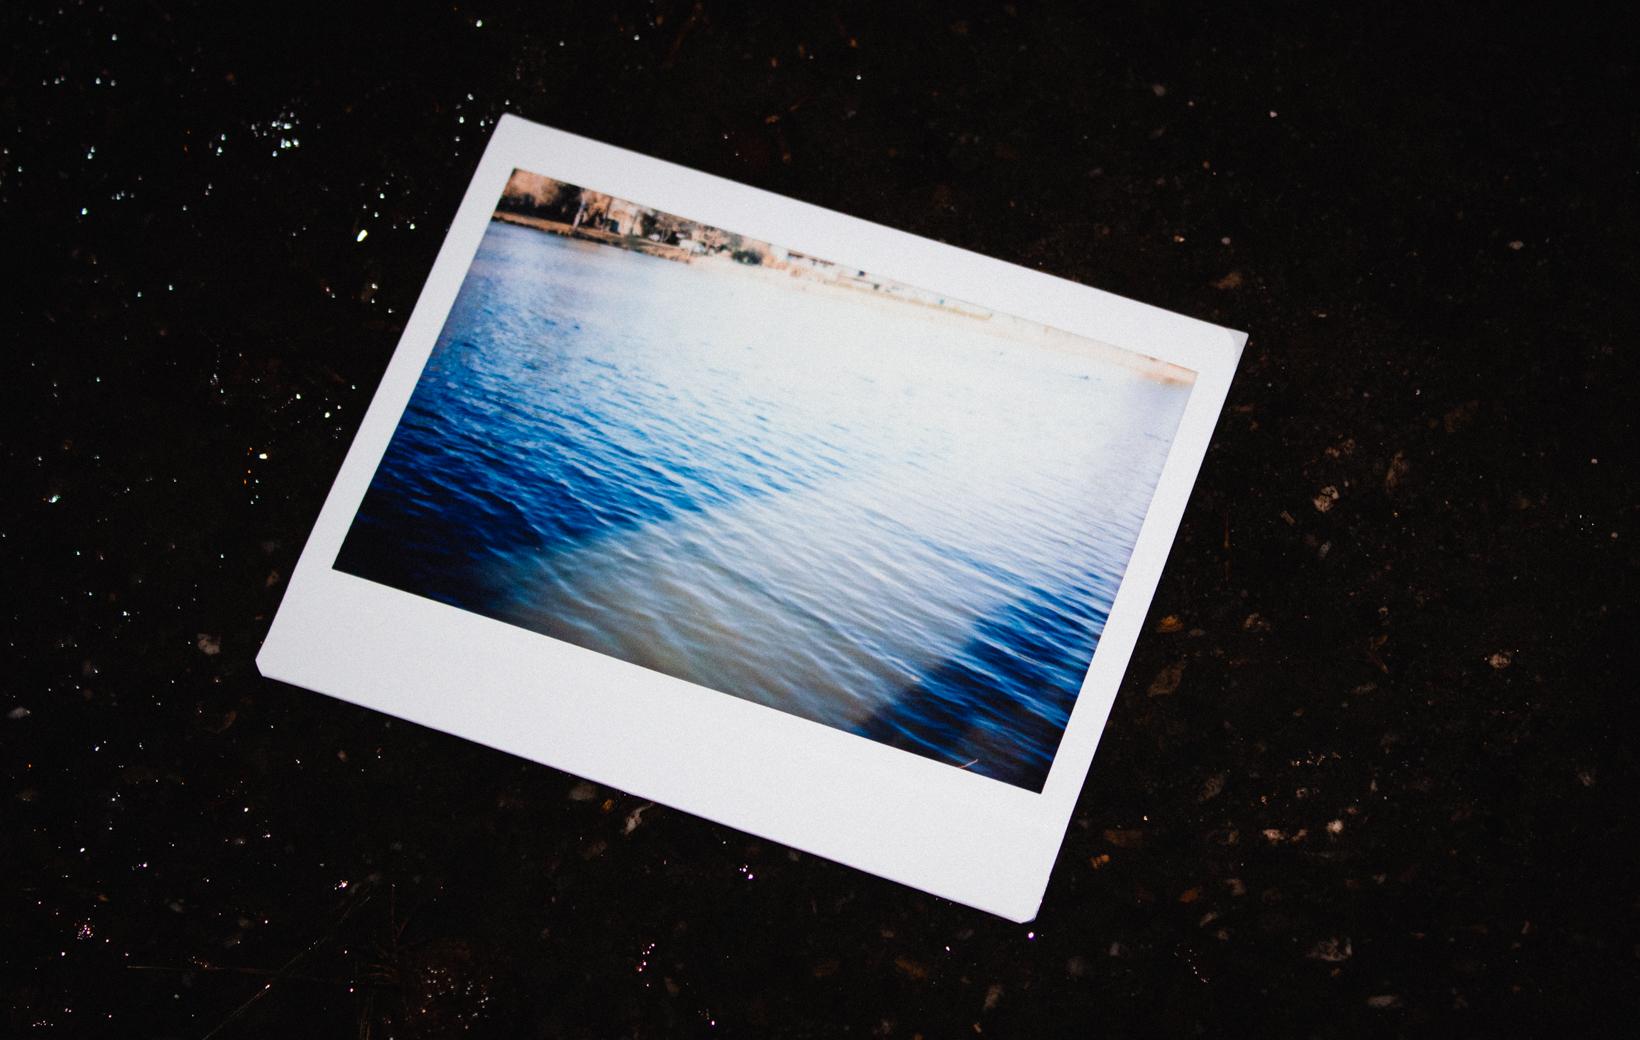 Das Bild zeigt ein Polaroid mti einem Fluss